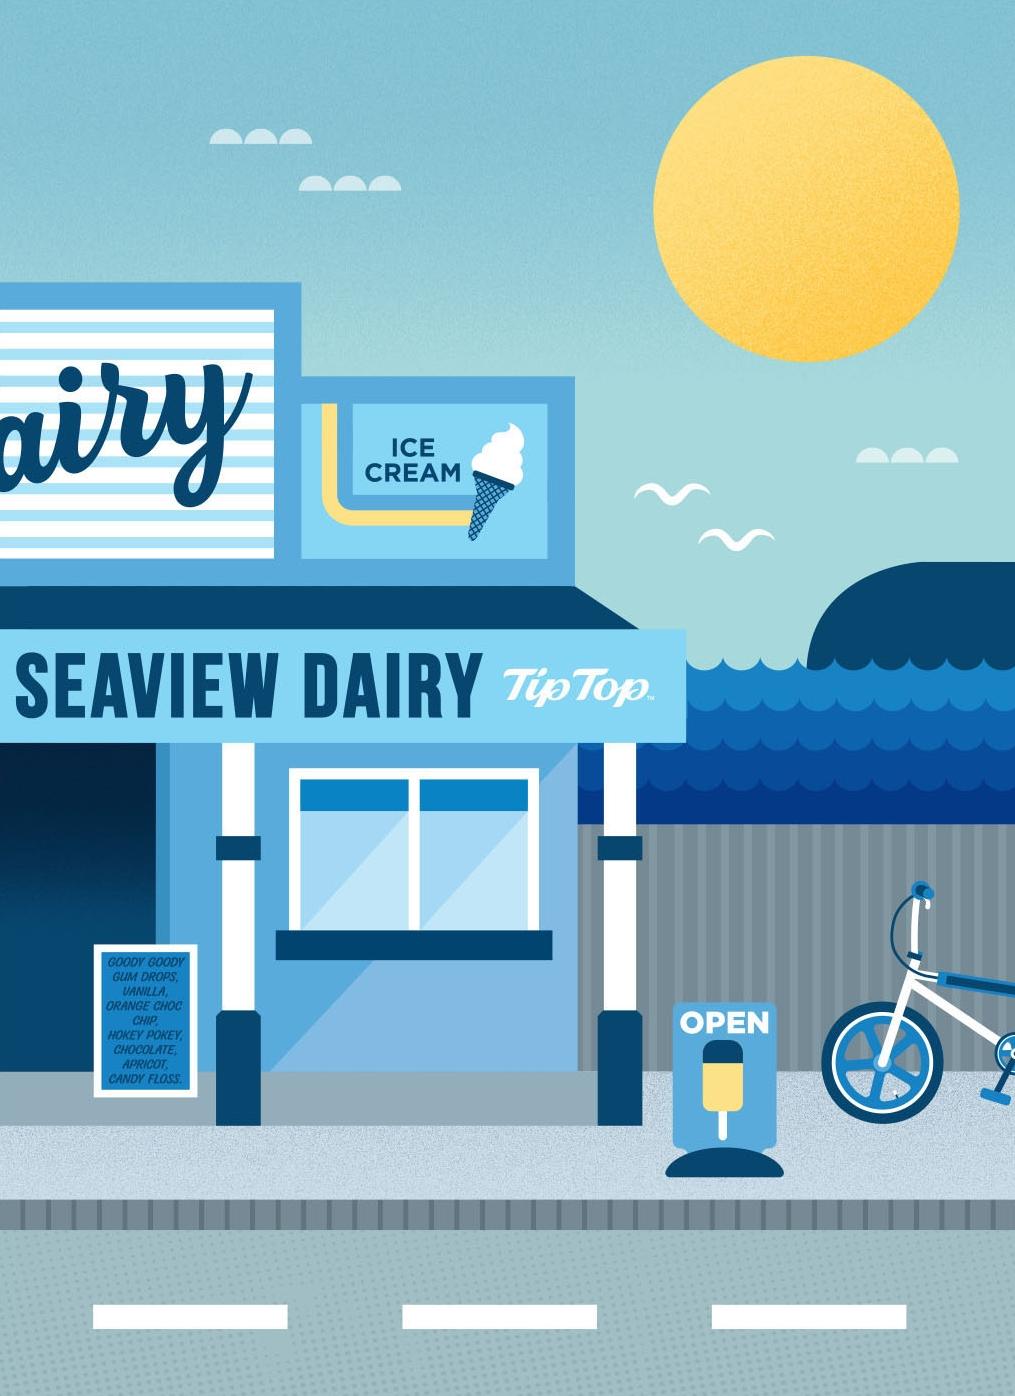 GS_3 Seaview Dairy_1440px.jpg